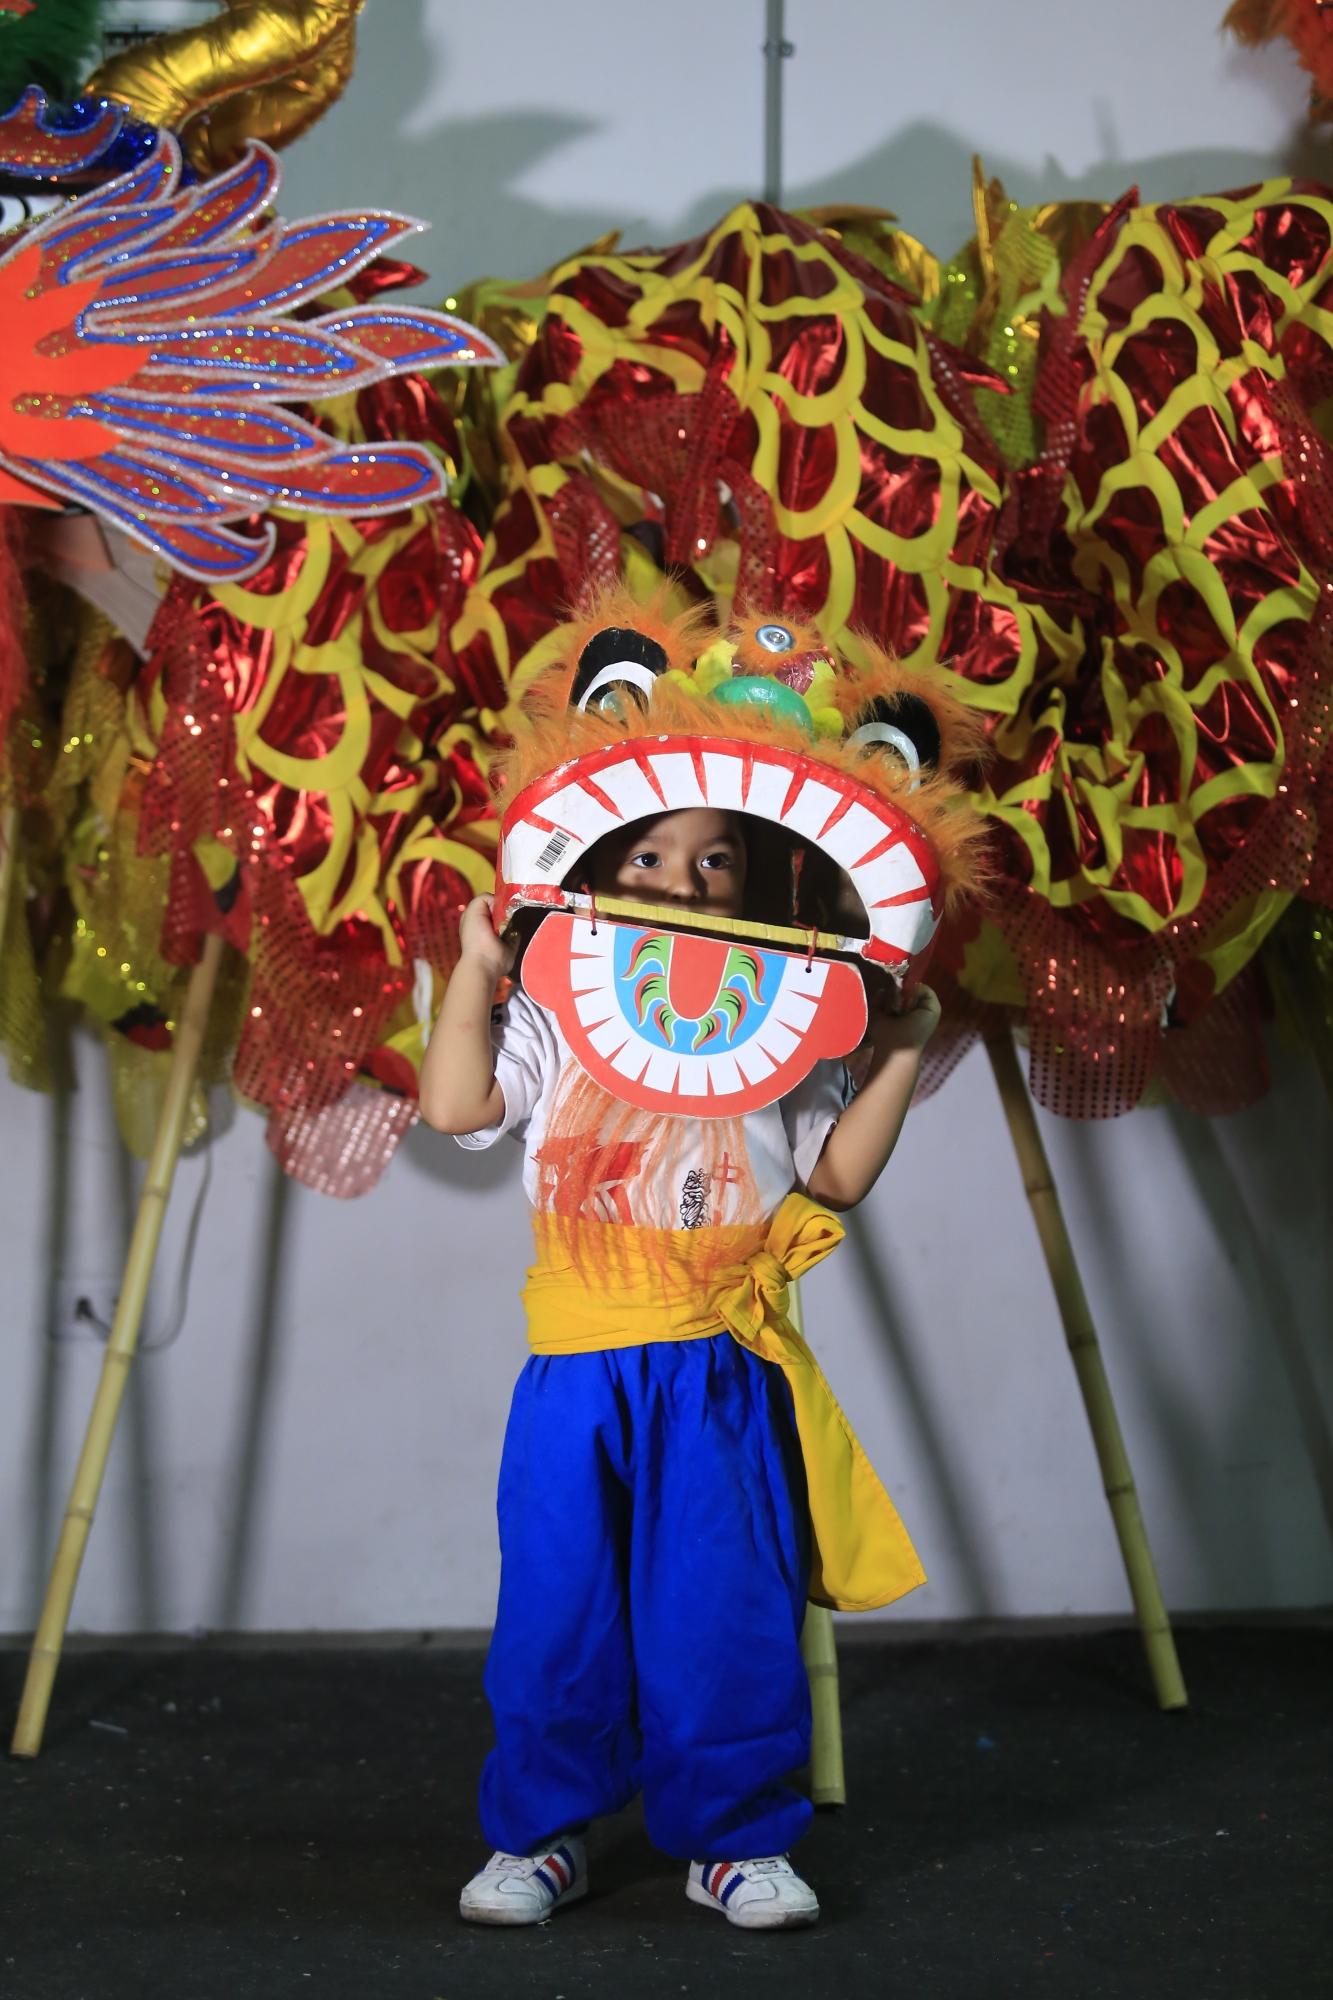 La cultura china seduce con su elegancia y disciplina a grandes y chicos. (Foto: Jessica Vicente)